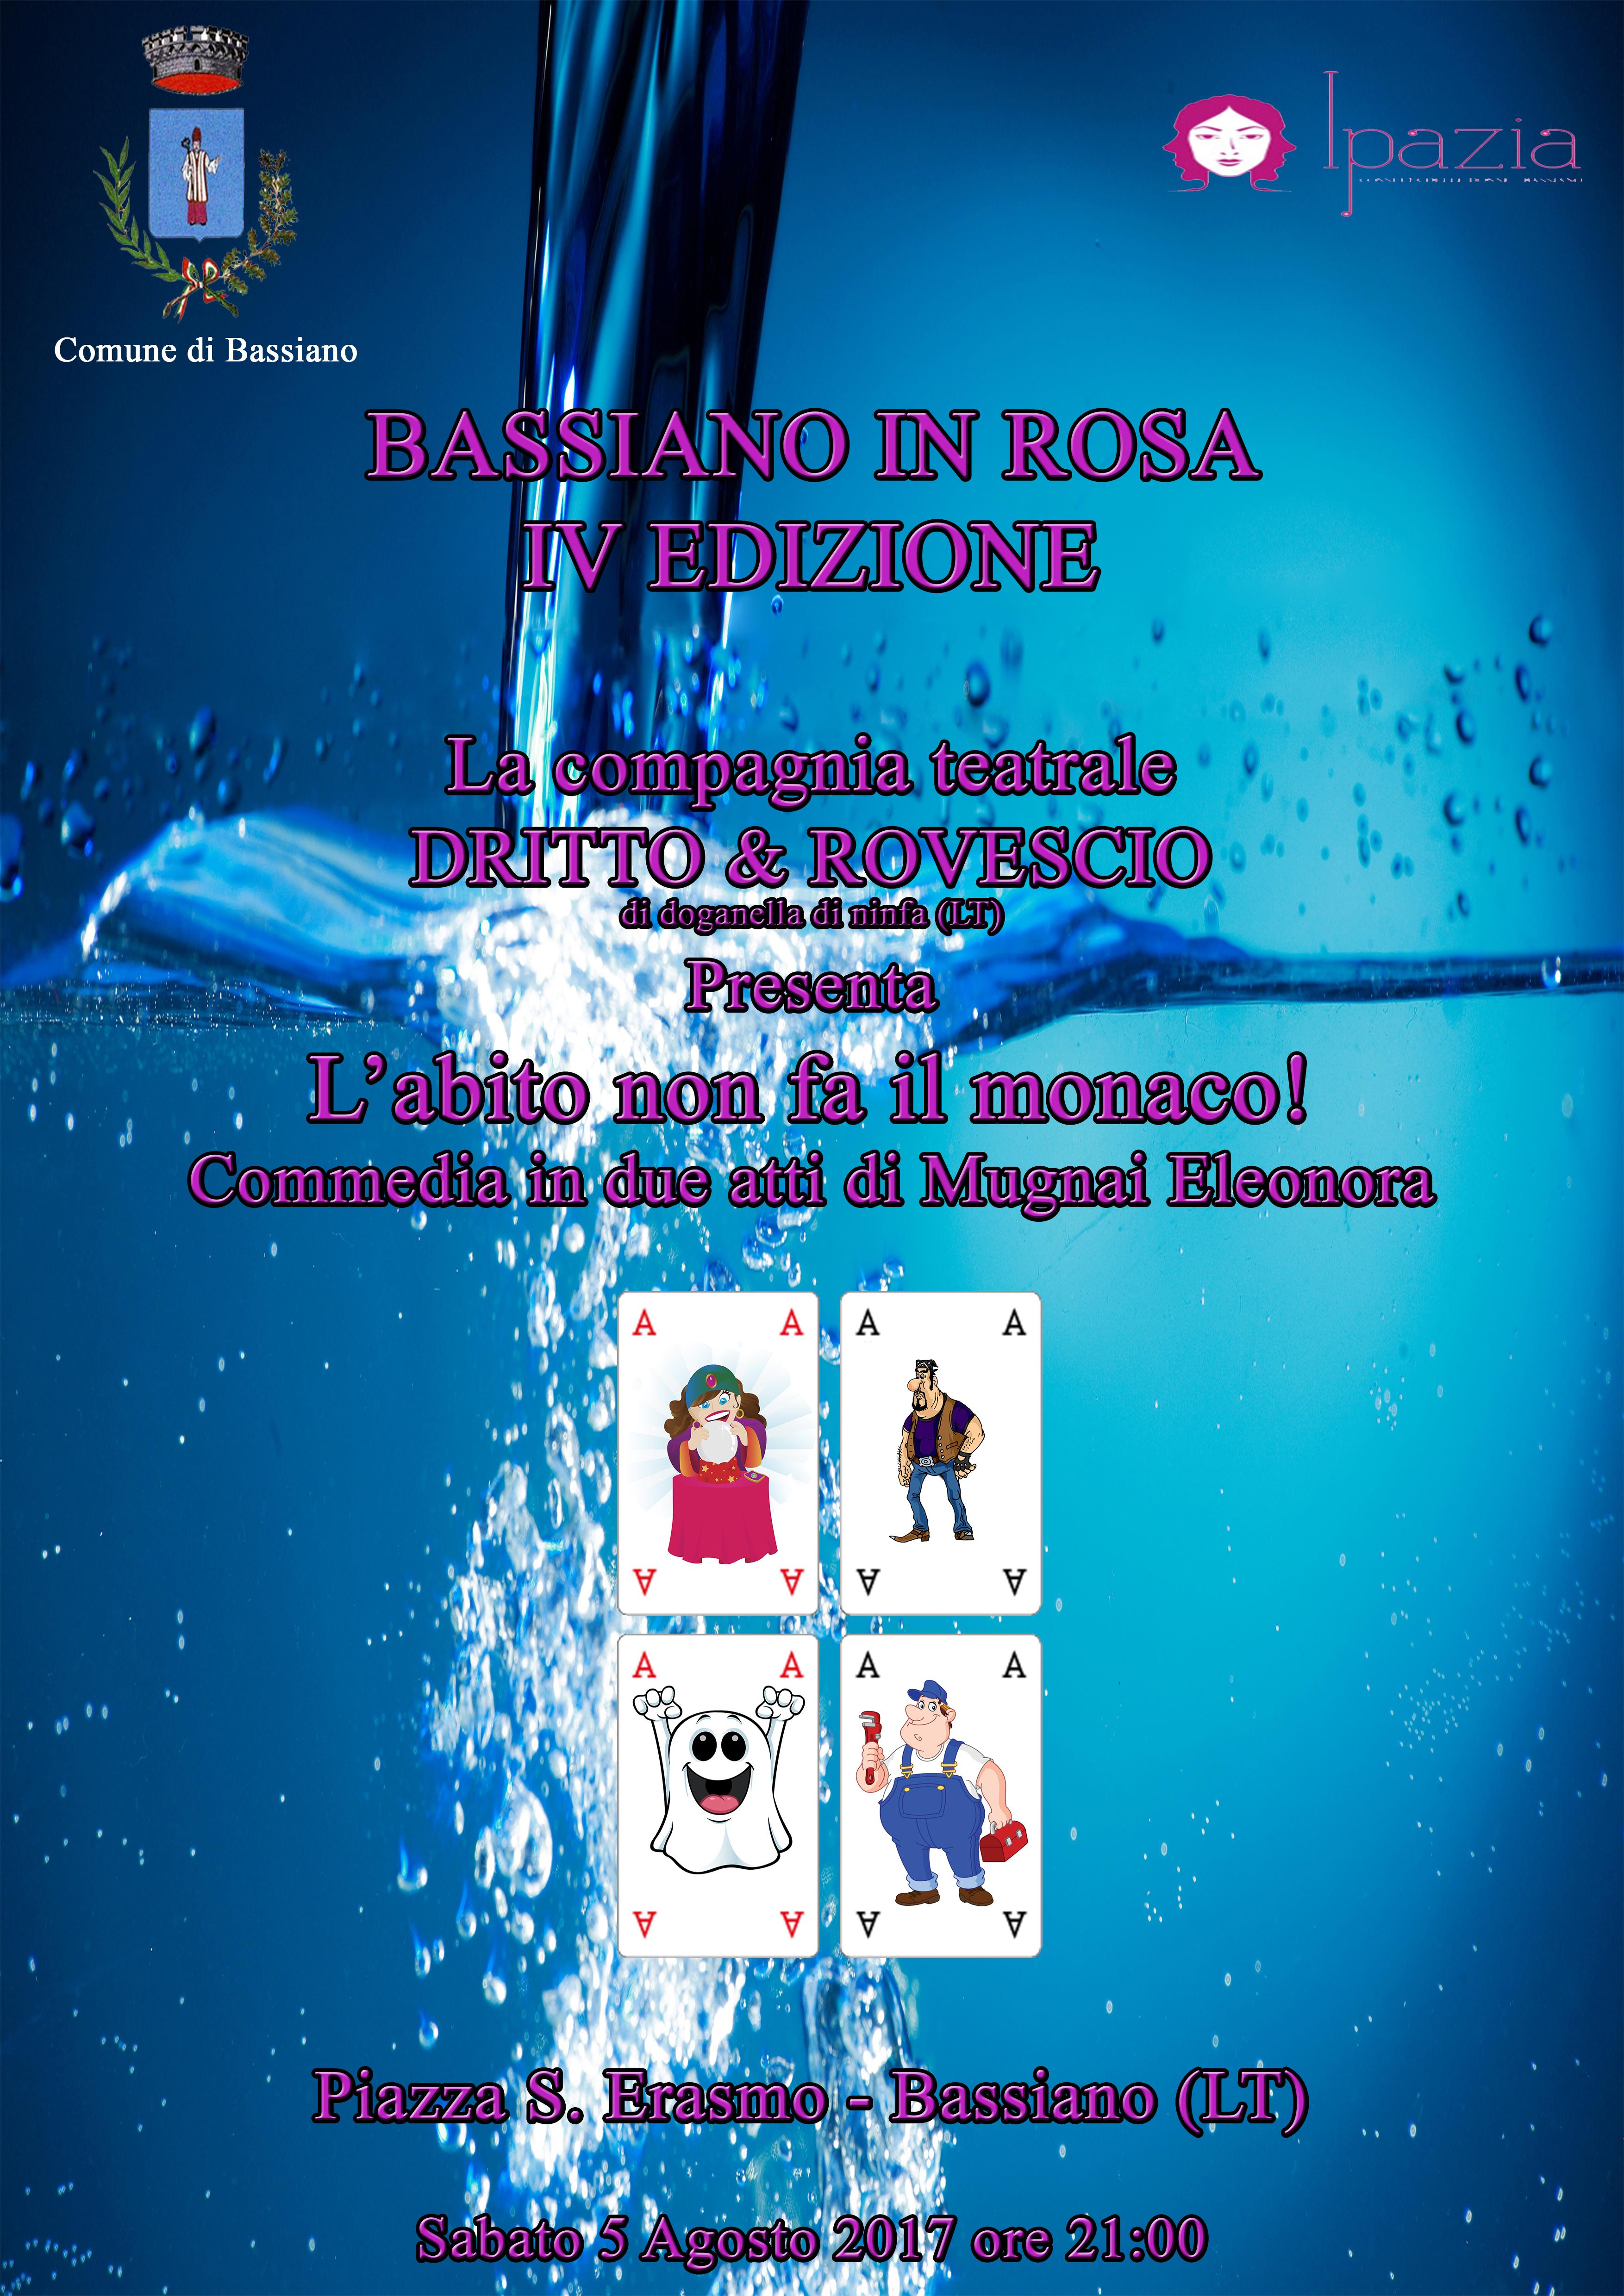 BASSIANO IN ROSA - IV EDIZIONE - SABATO 5 AGOSTO 2017 ORE 21.00 - PIAZZA S. ERASMO